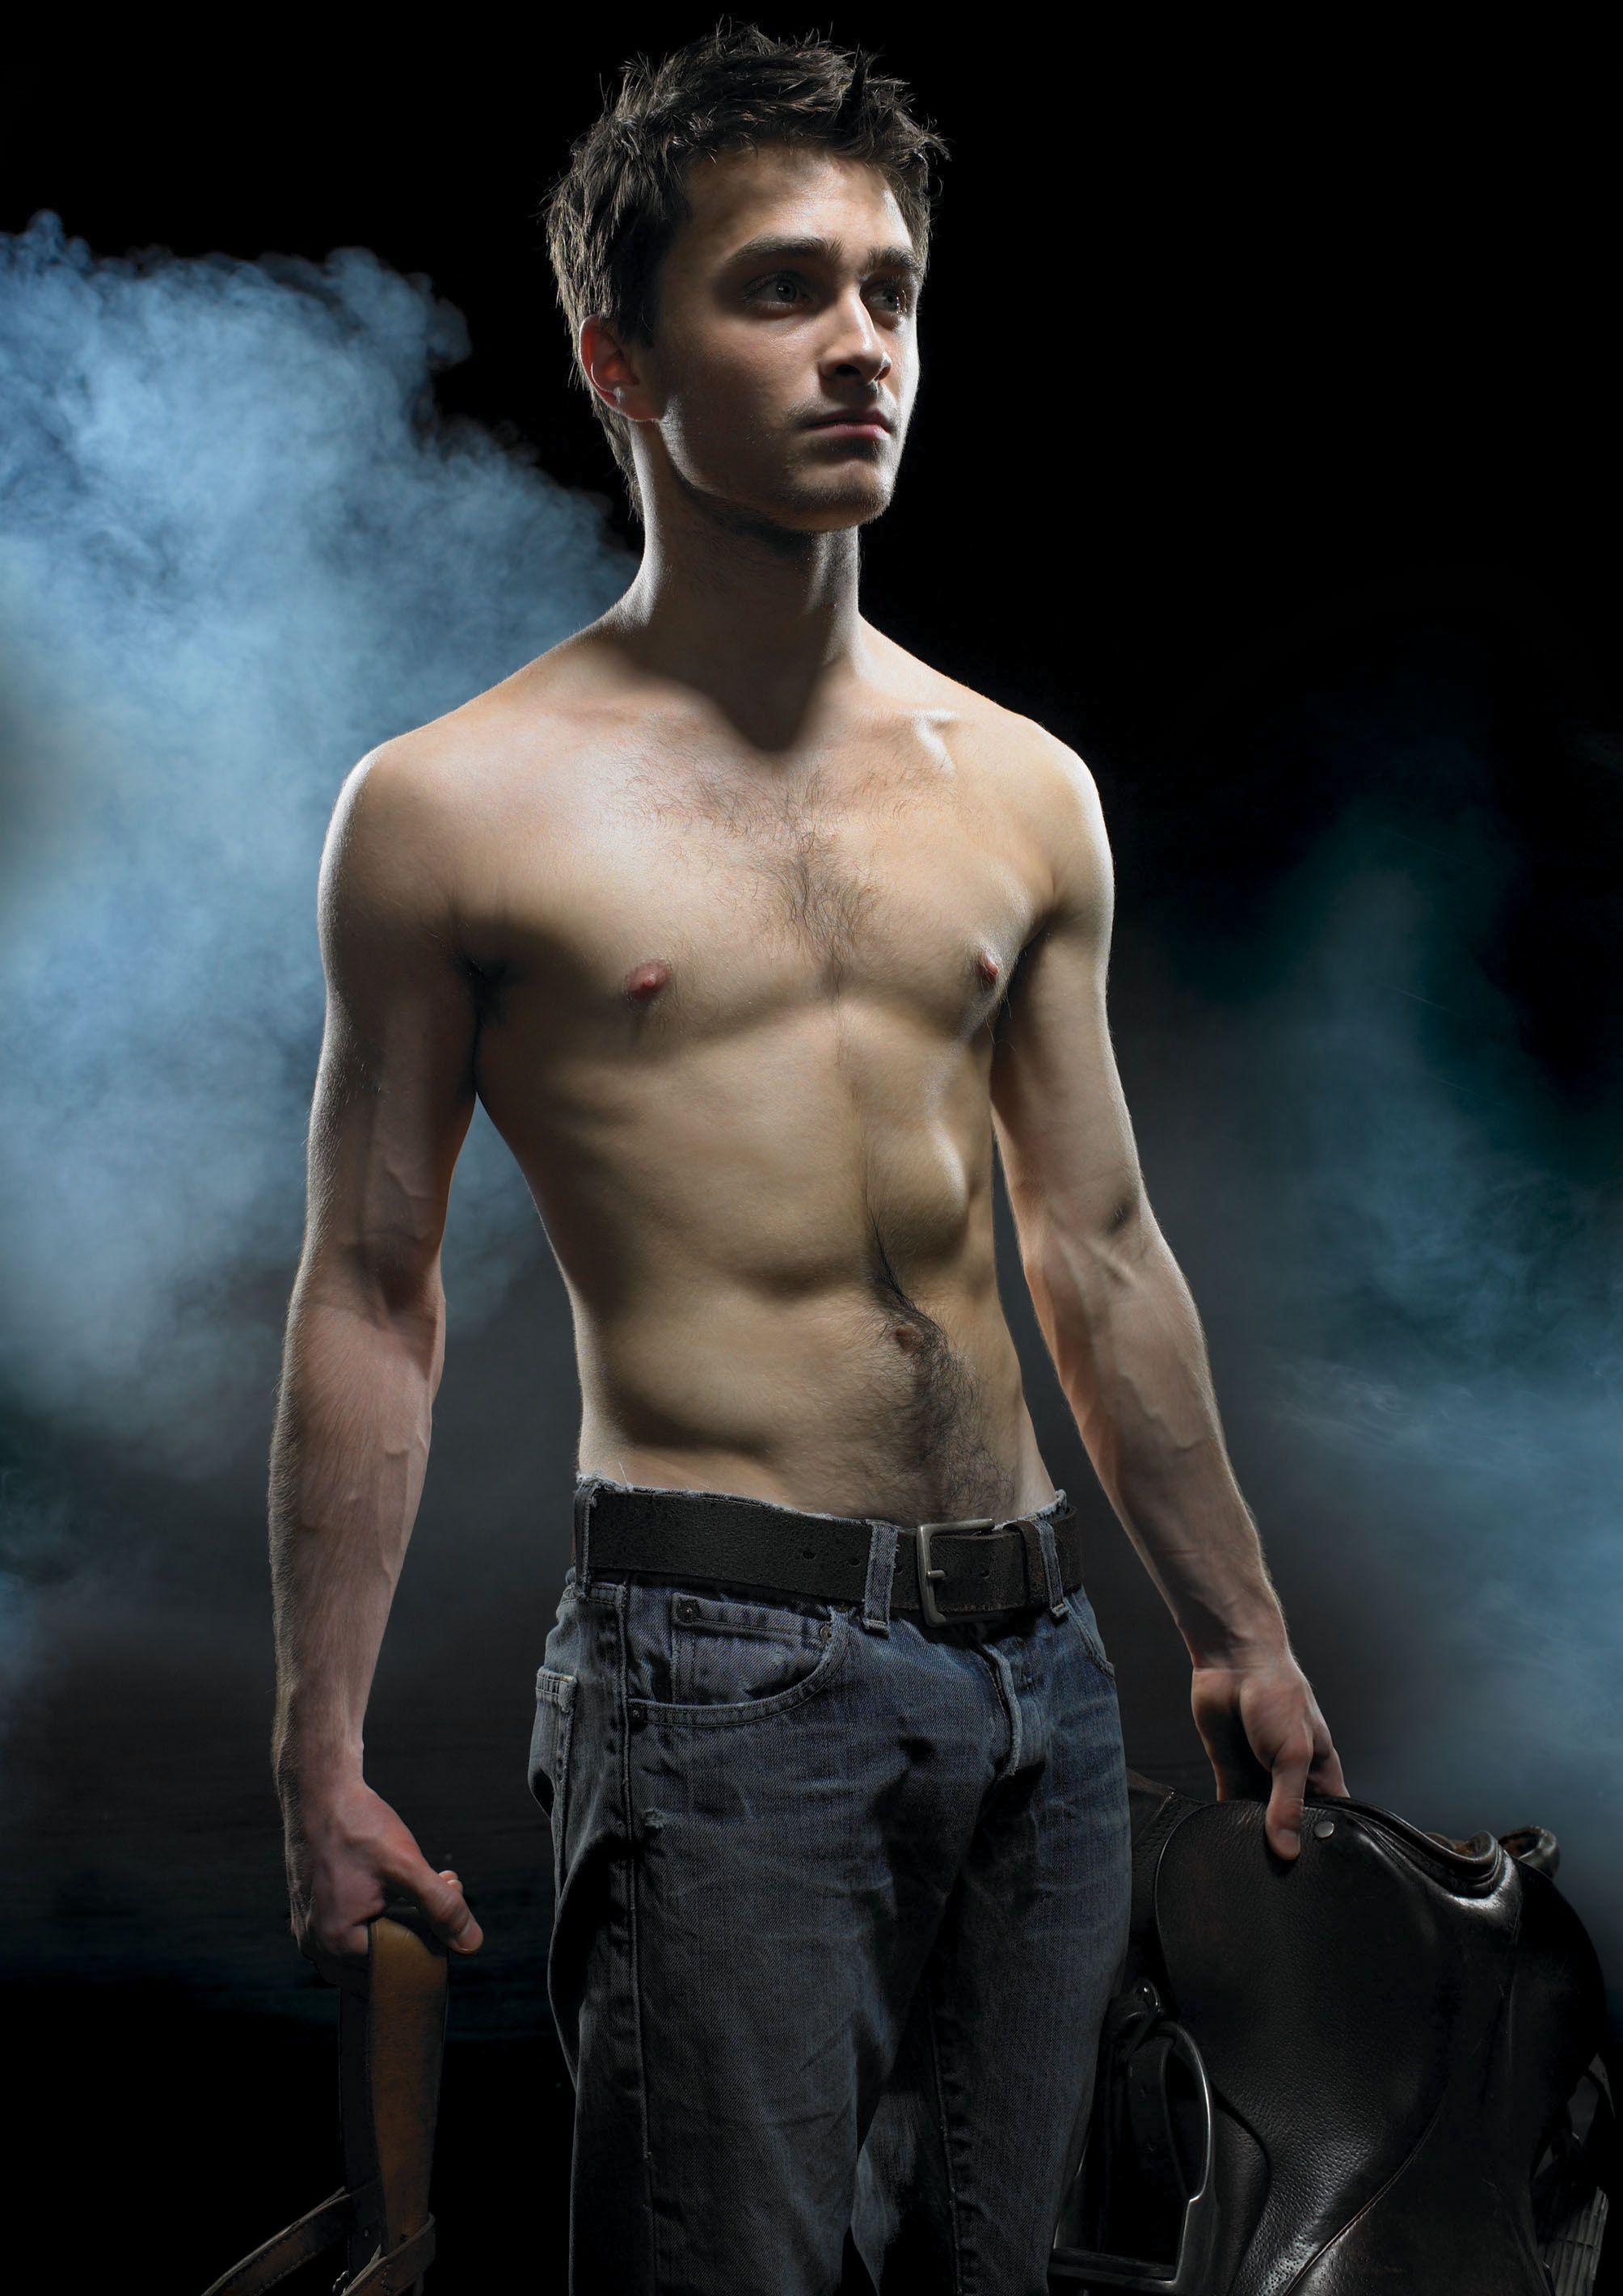 Daniel Radcliffe Shirtless | SHIRTLESS ACTORS | Pinterest ...